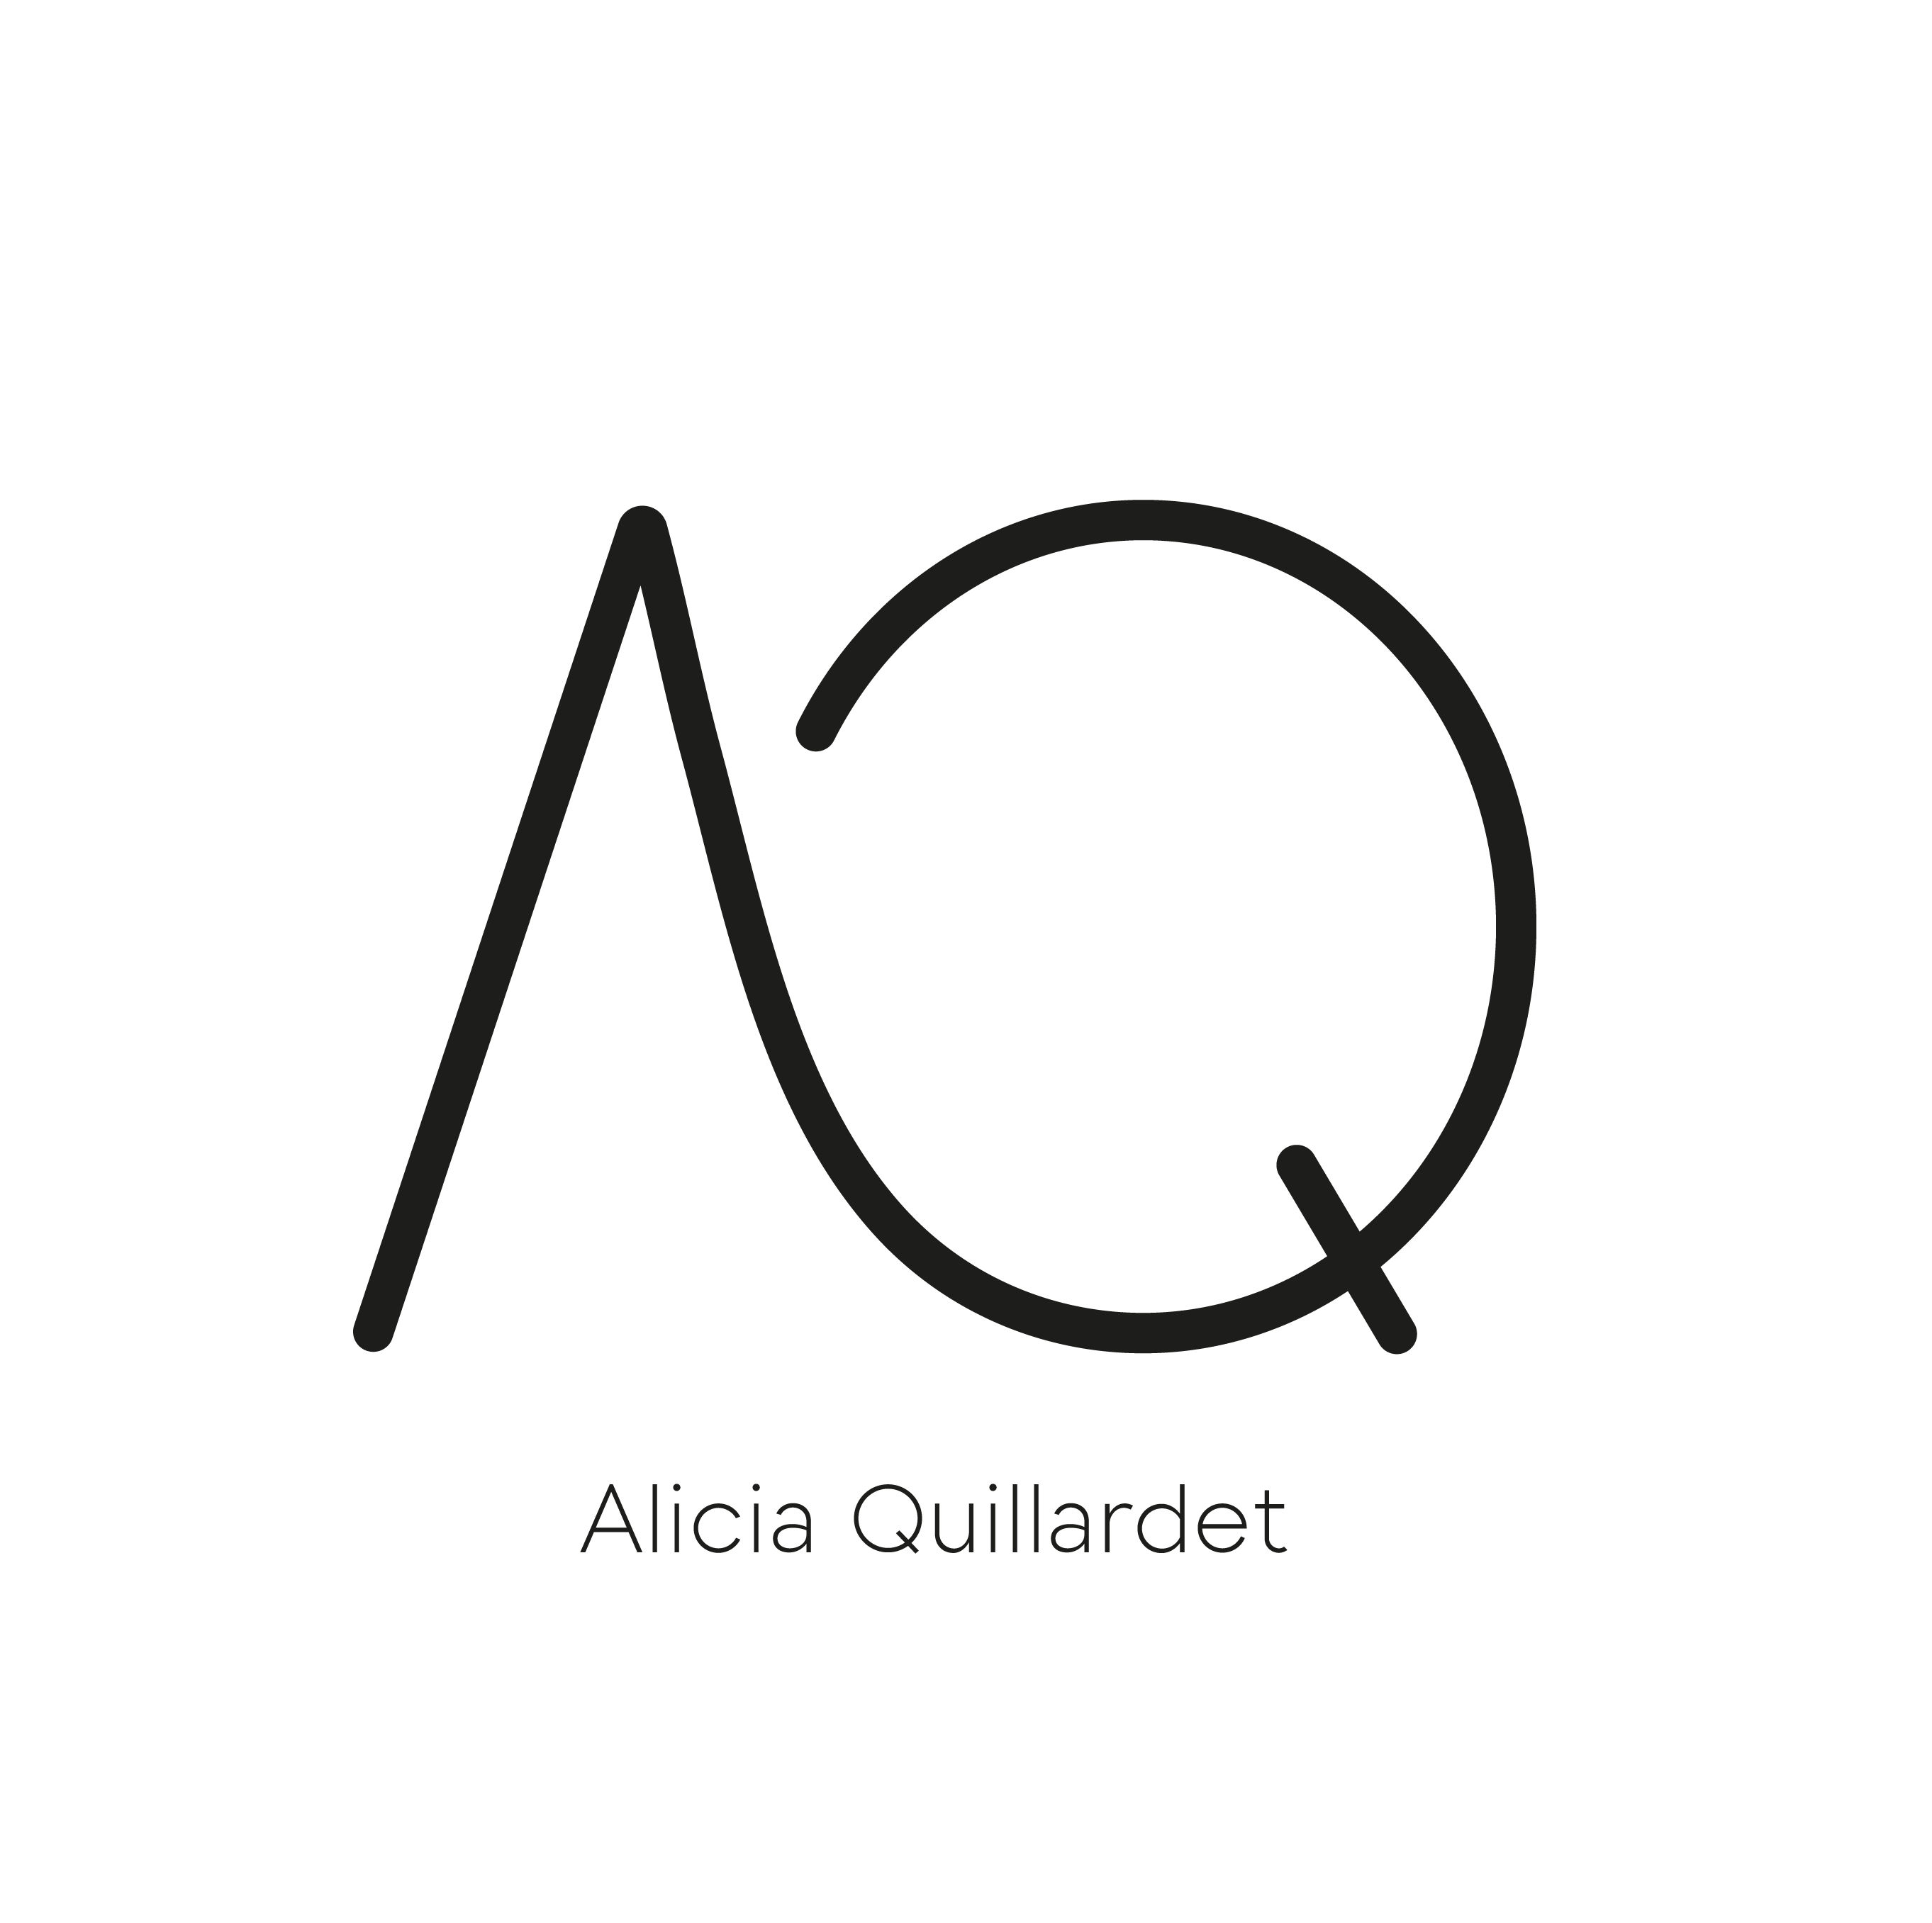 alicia quillardet